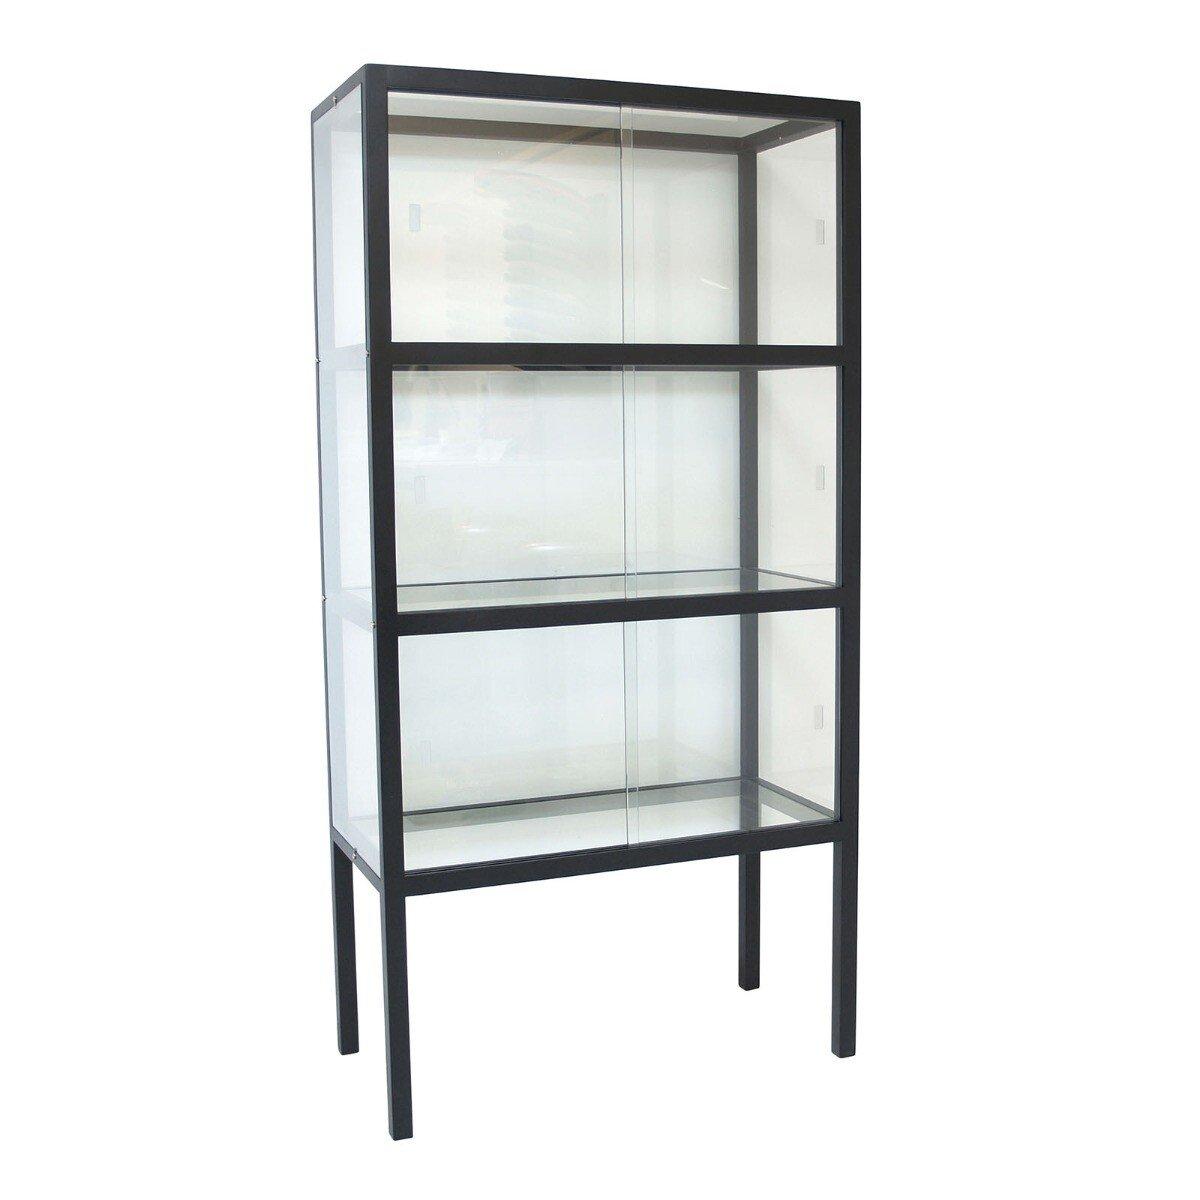 HKliving vitrinekast glas hout zwart 148 x 75 x 36